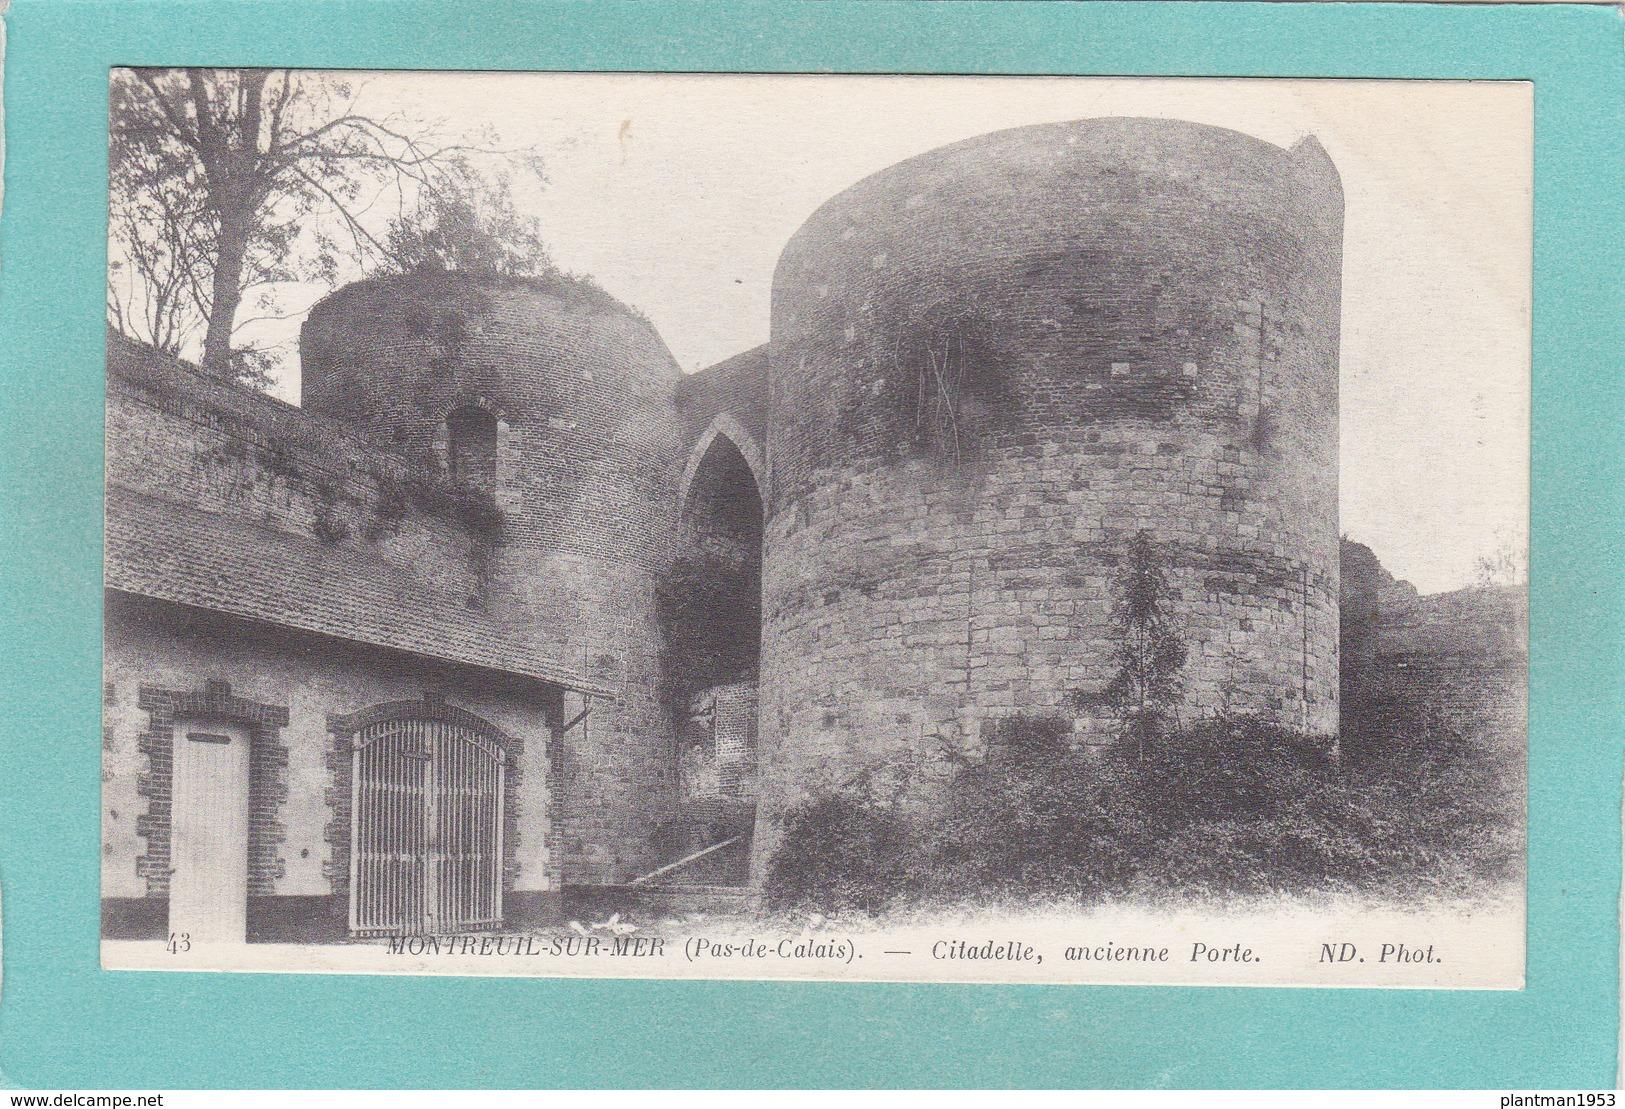 Old Postcard Of Citadelle,Montreuil-sur-Mer, Nord-Pas-de-Calais-Picardie, France,Y2. - Montreuil